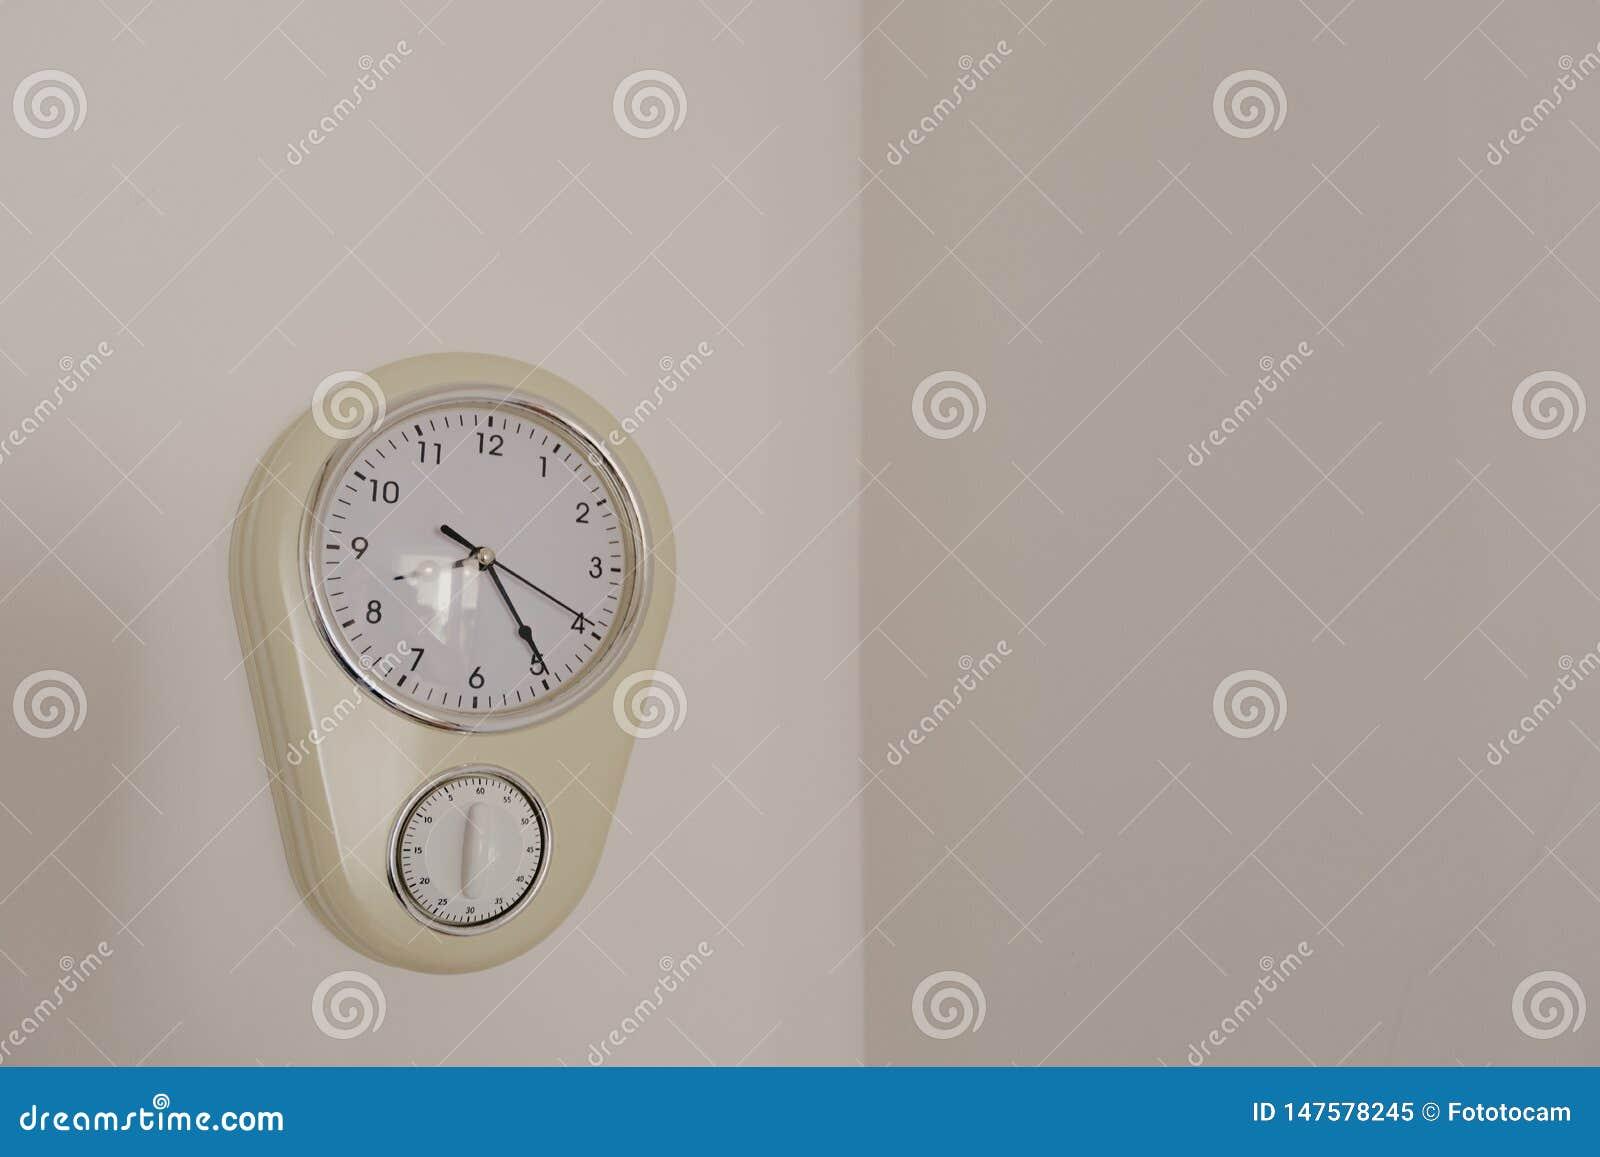 Wanduhr mit dem manuellen Timer, der an der Wand hängt